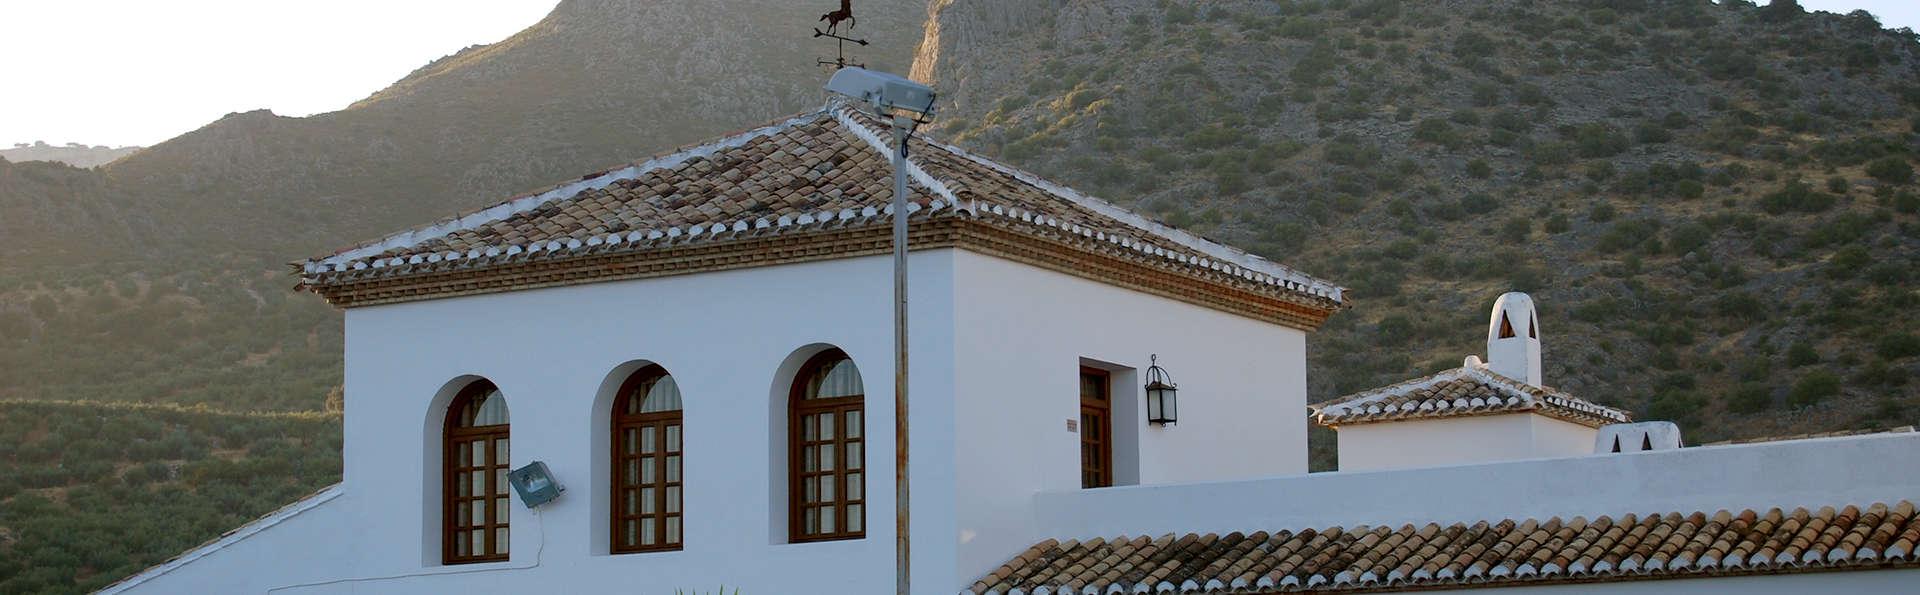 Hotel Villa Turística de Priego - Edit_Front3.jpg